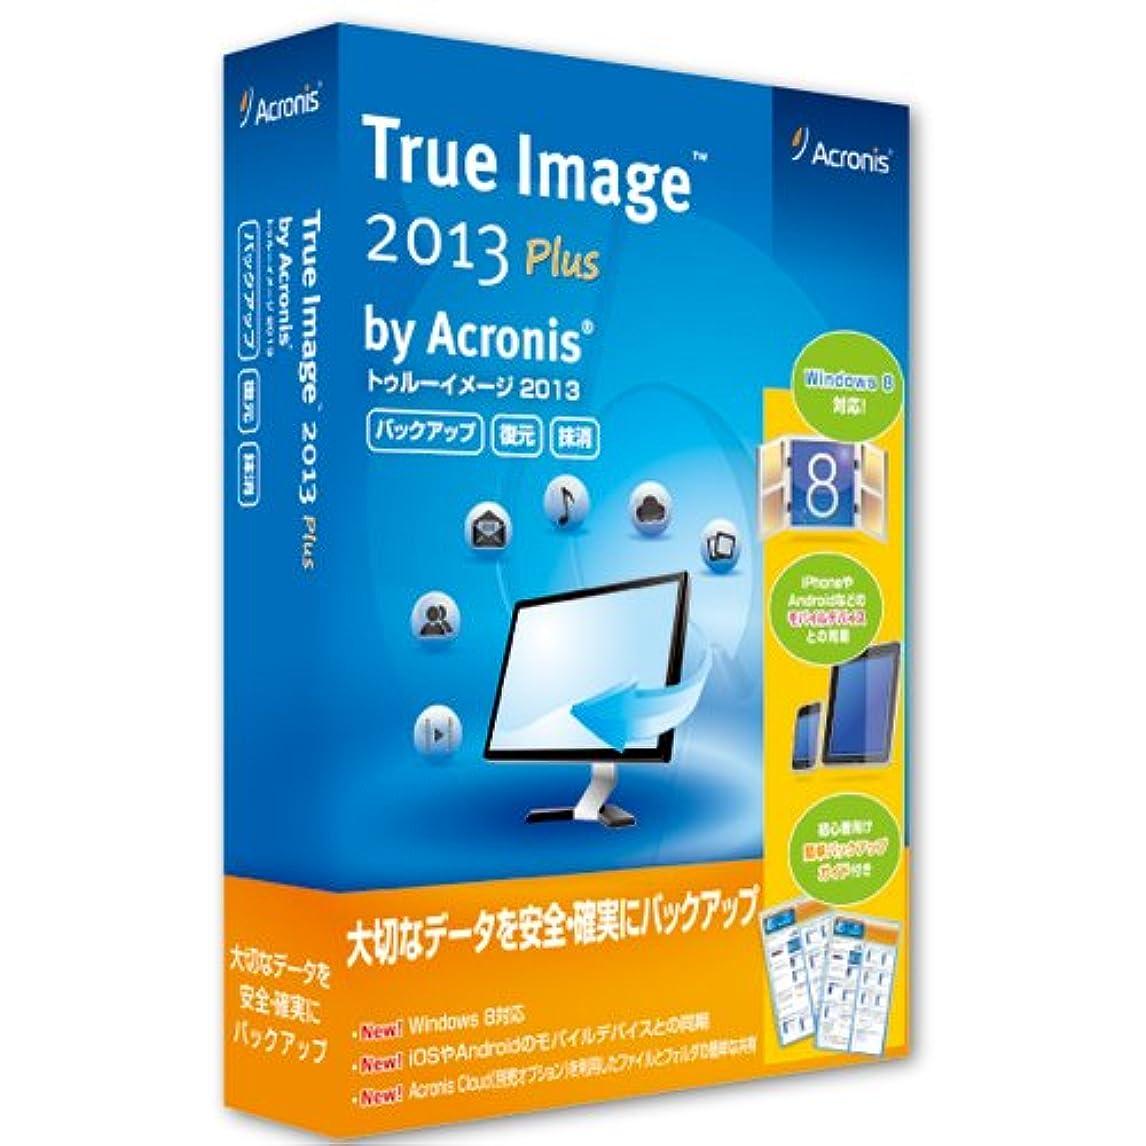 ピカリング疑い者マガジンTrue Image 2013 Plus by Acronis 製品版